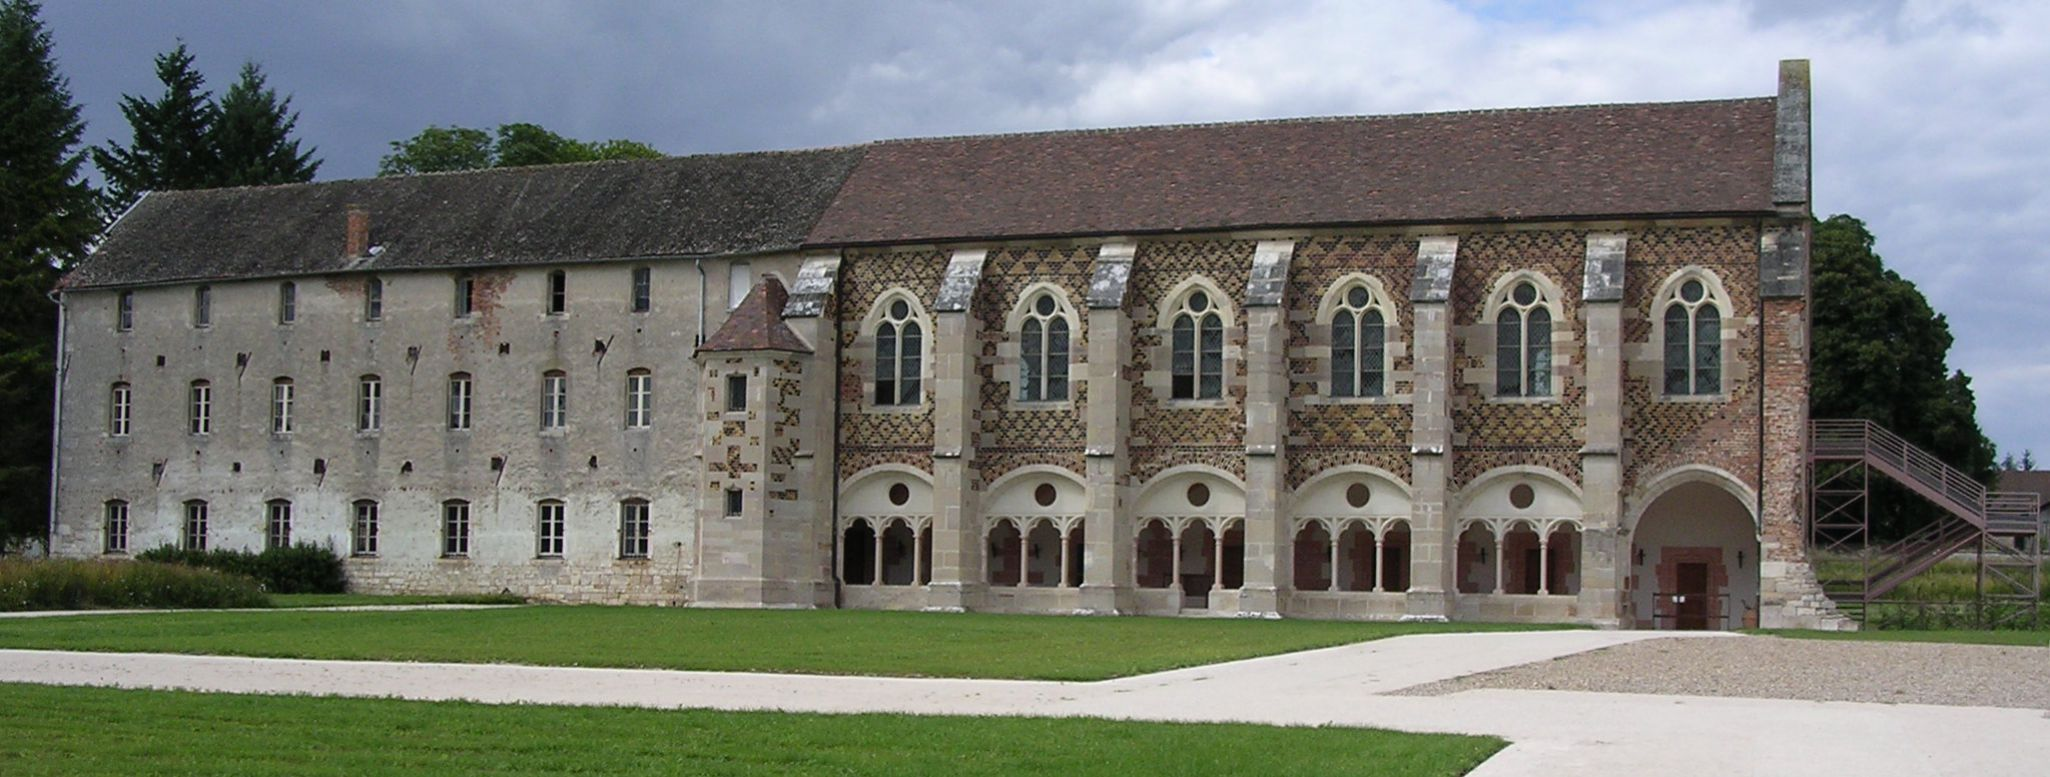 La bibliothèque de l'abbaye de Cîteaux